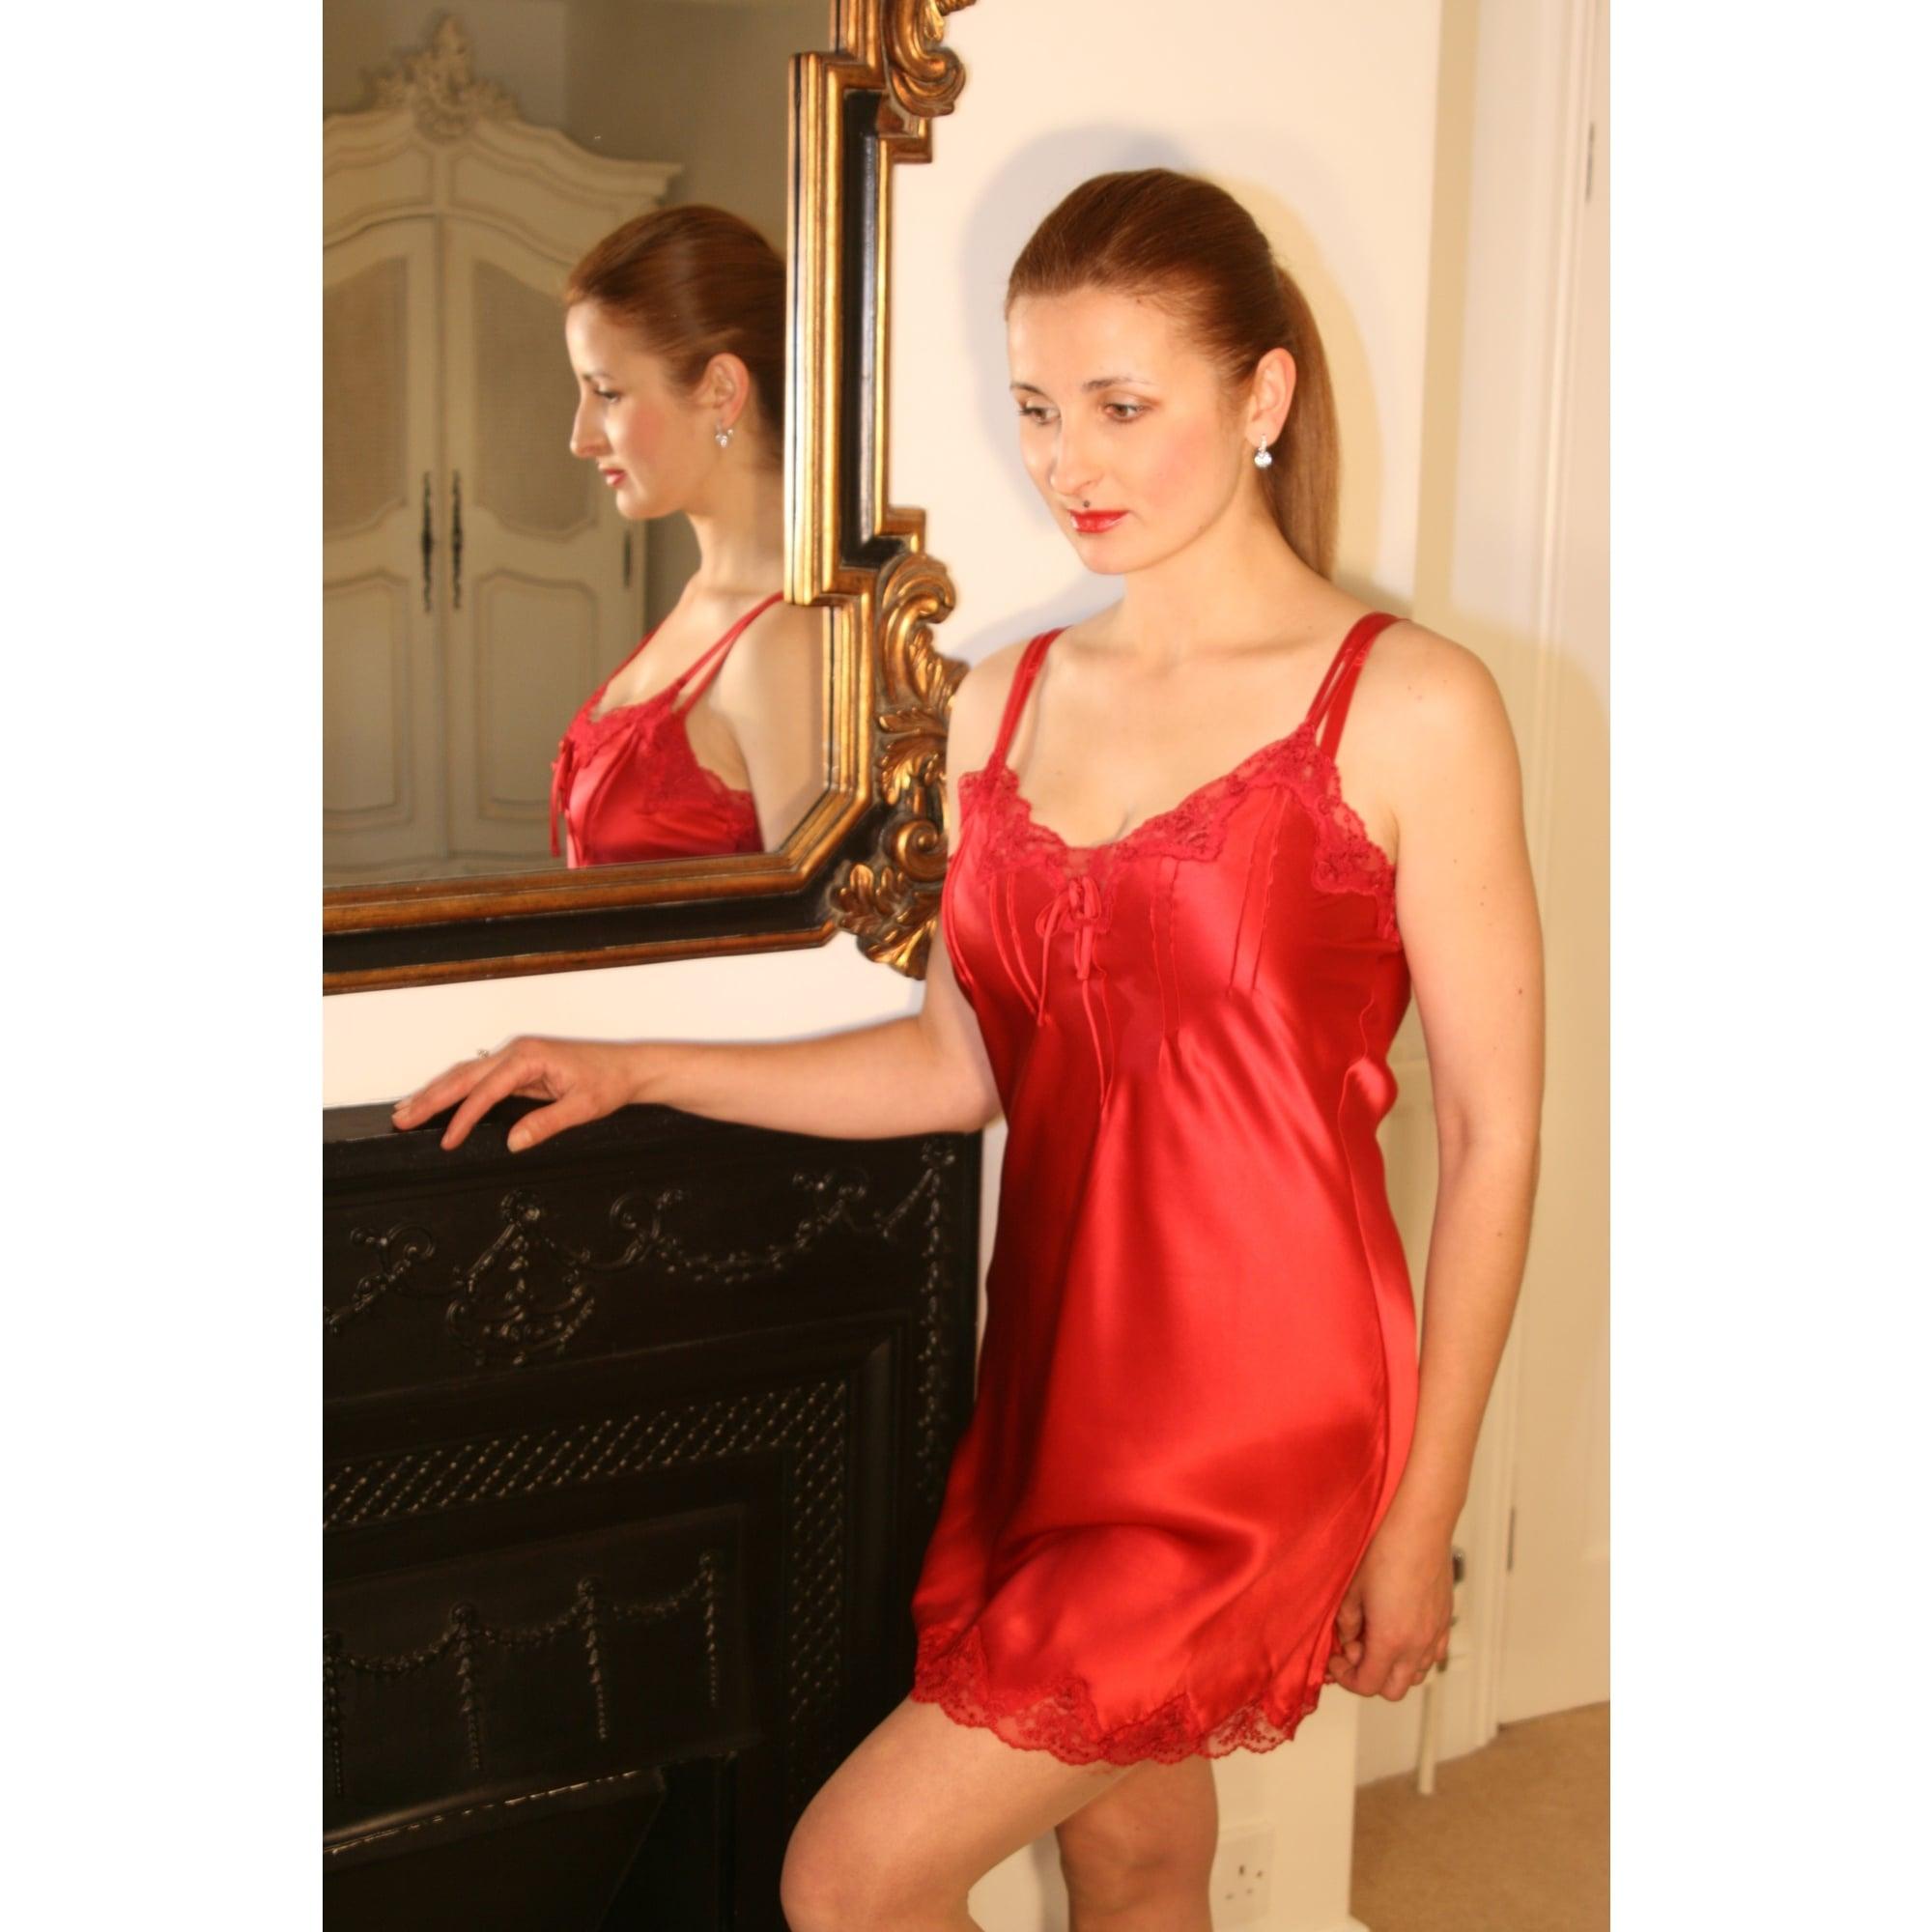 Ginia Scallop Lace Pure Silk Chemise